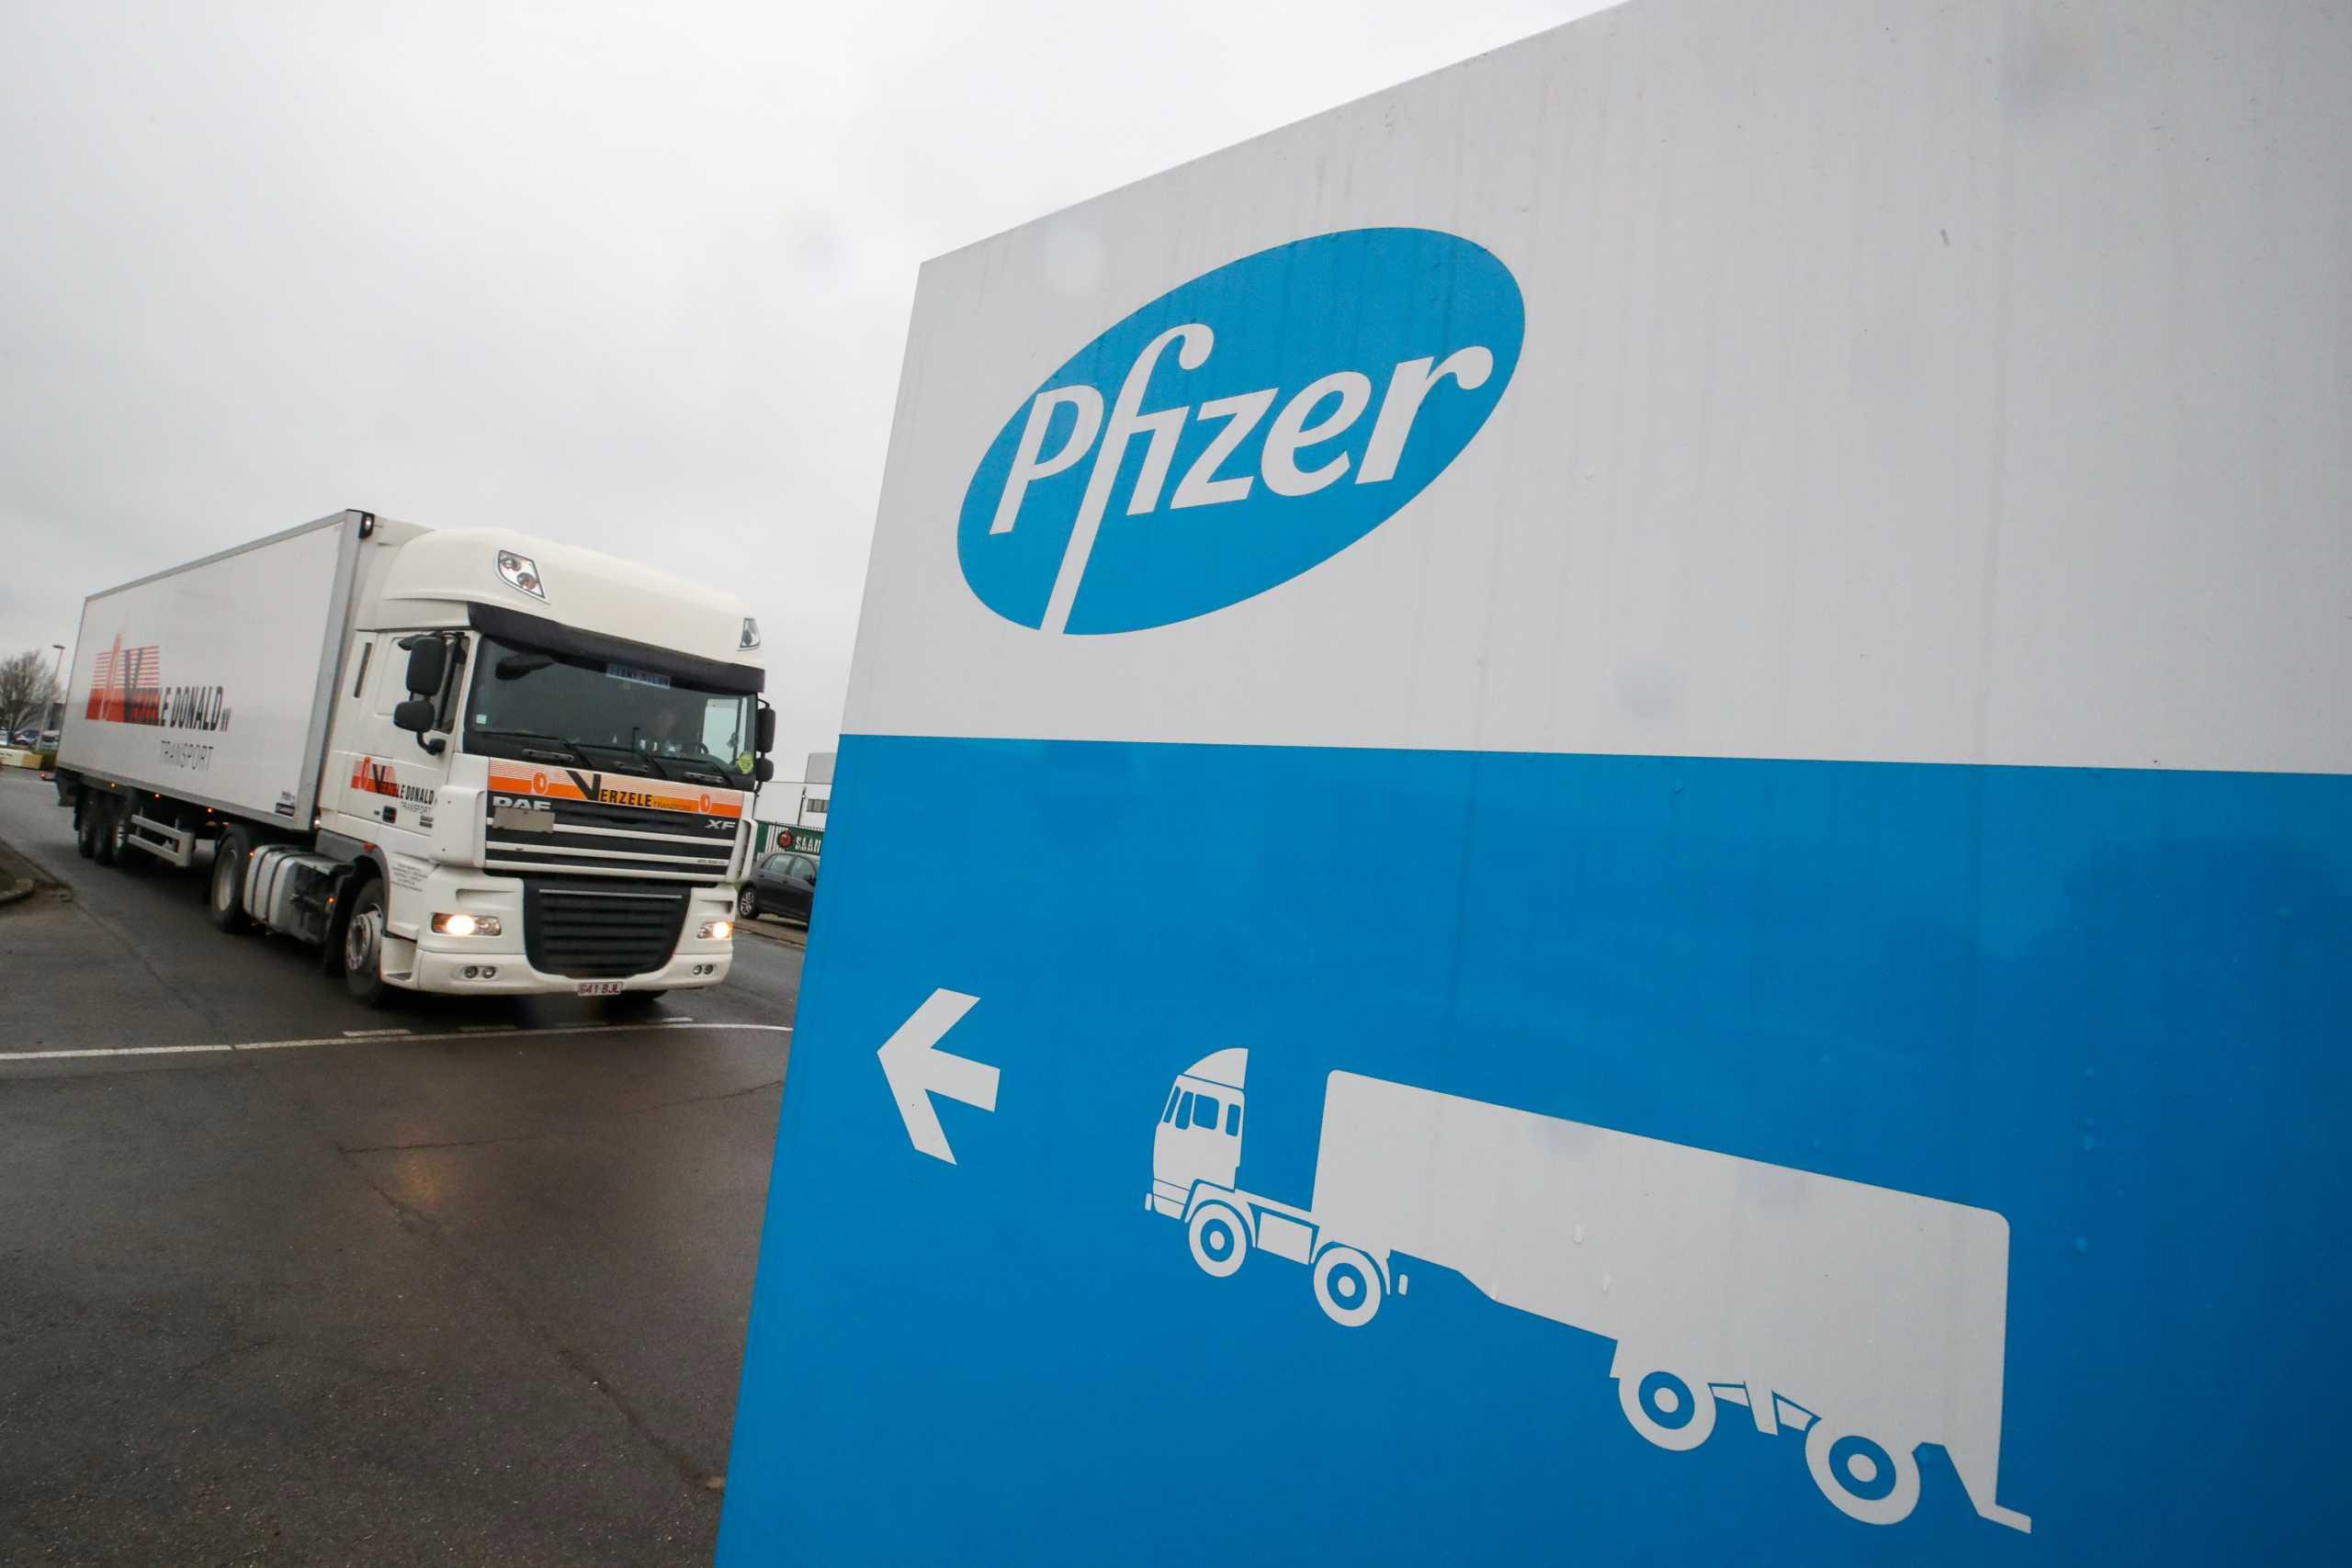 Εμβόλιο… hi tech από τη Pfizer με GPS και απίστευτες δικλείδες ασφαλείας